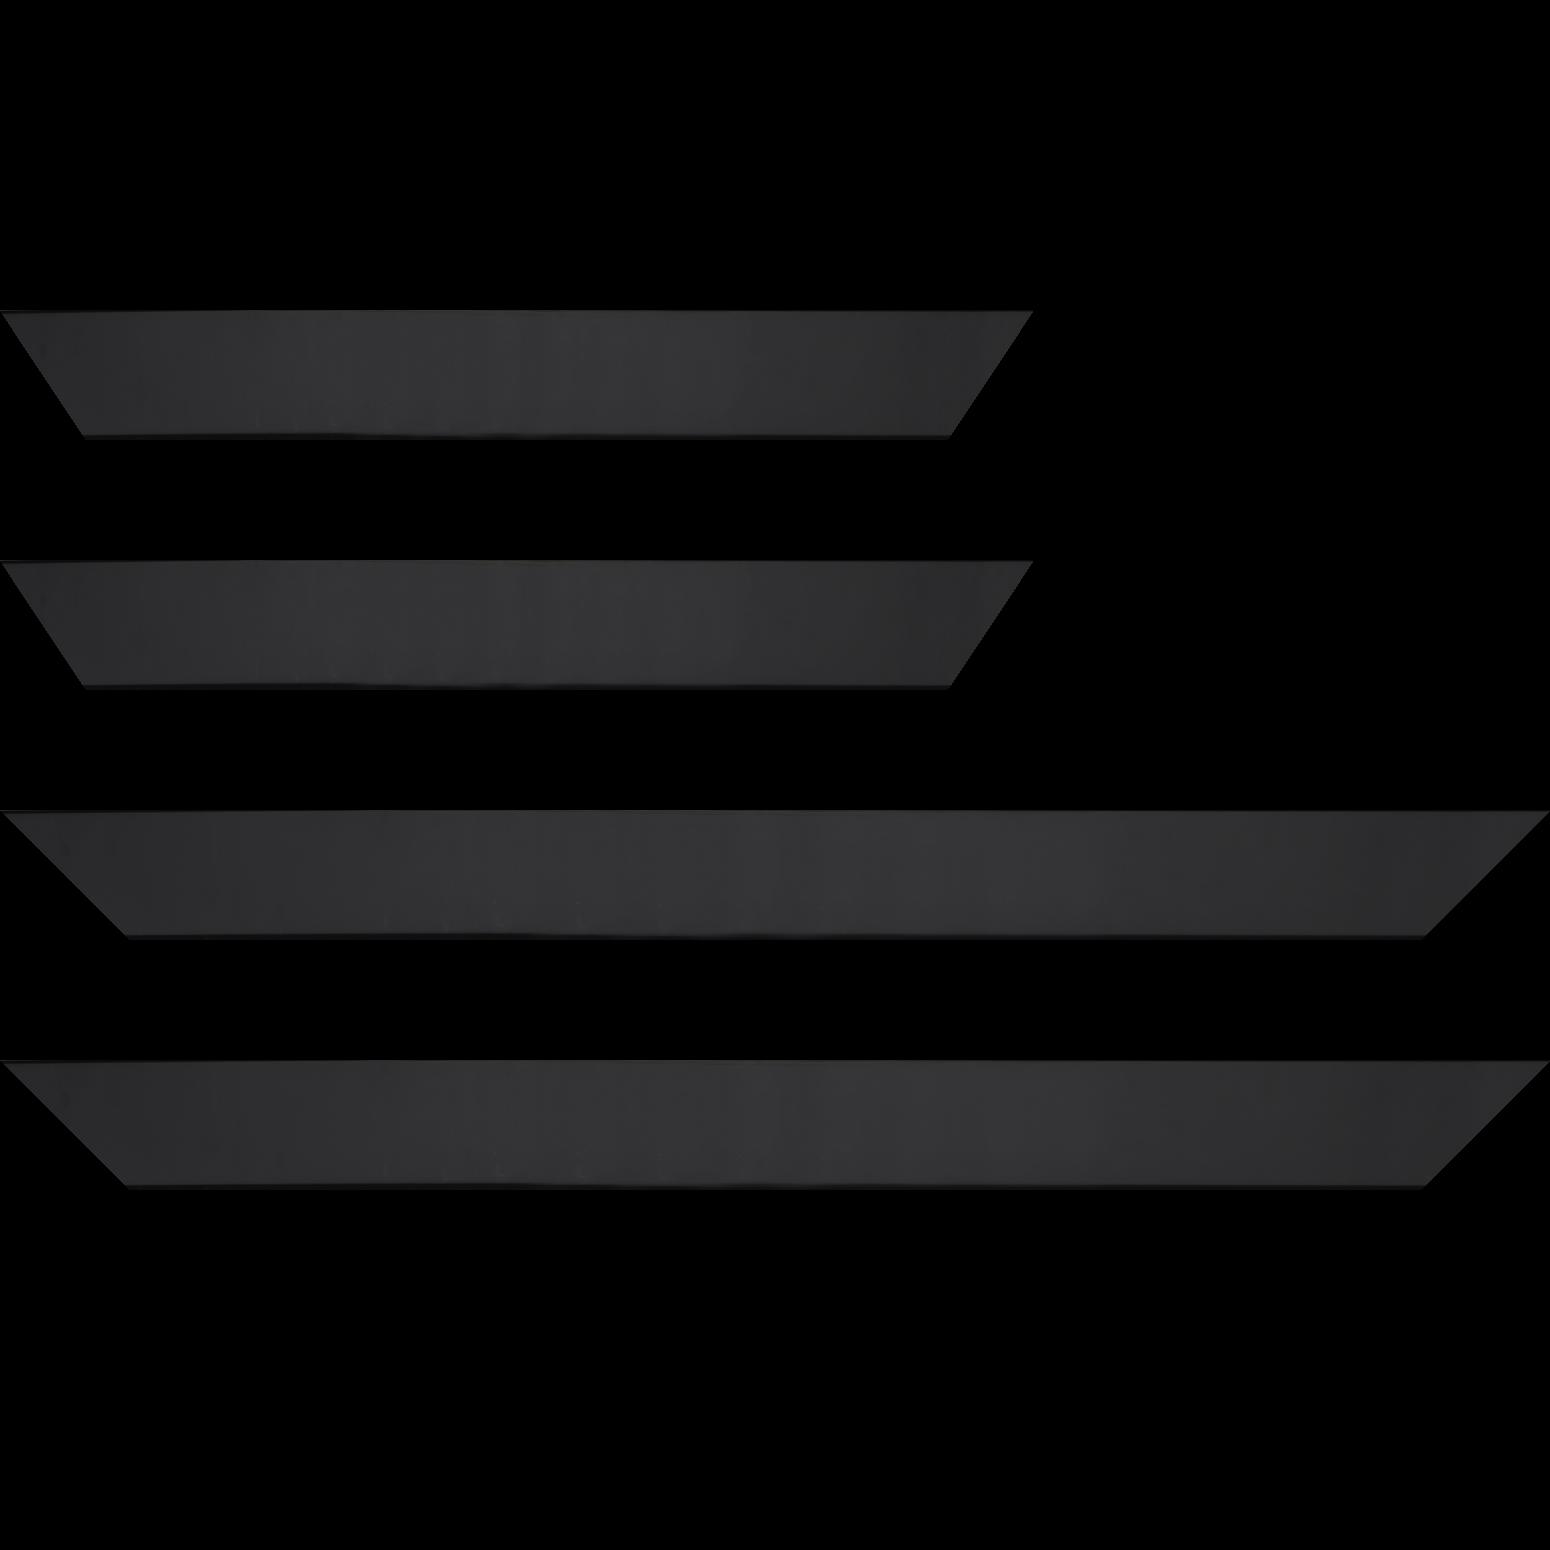 Baguette service précoupé bois profil plat largeur 4.1cm couleur noir mat finition pore bouché